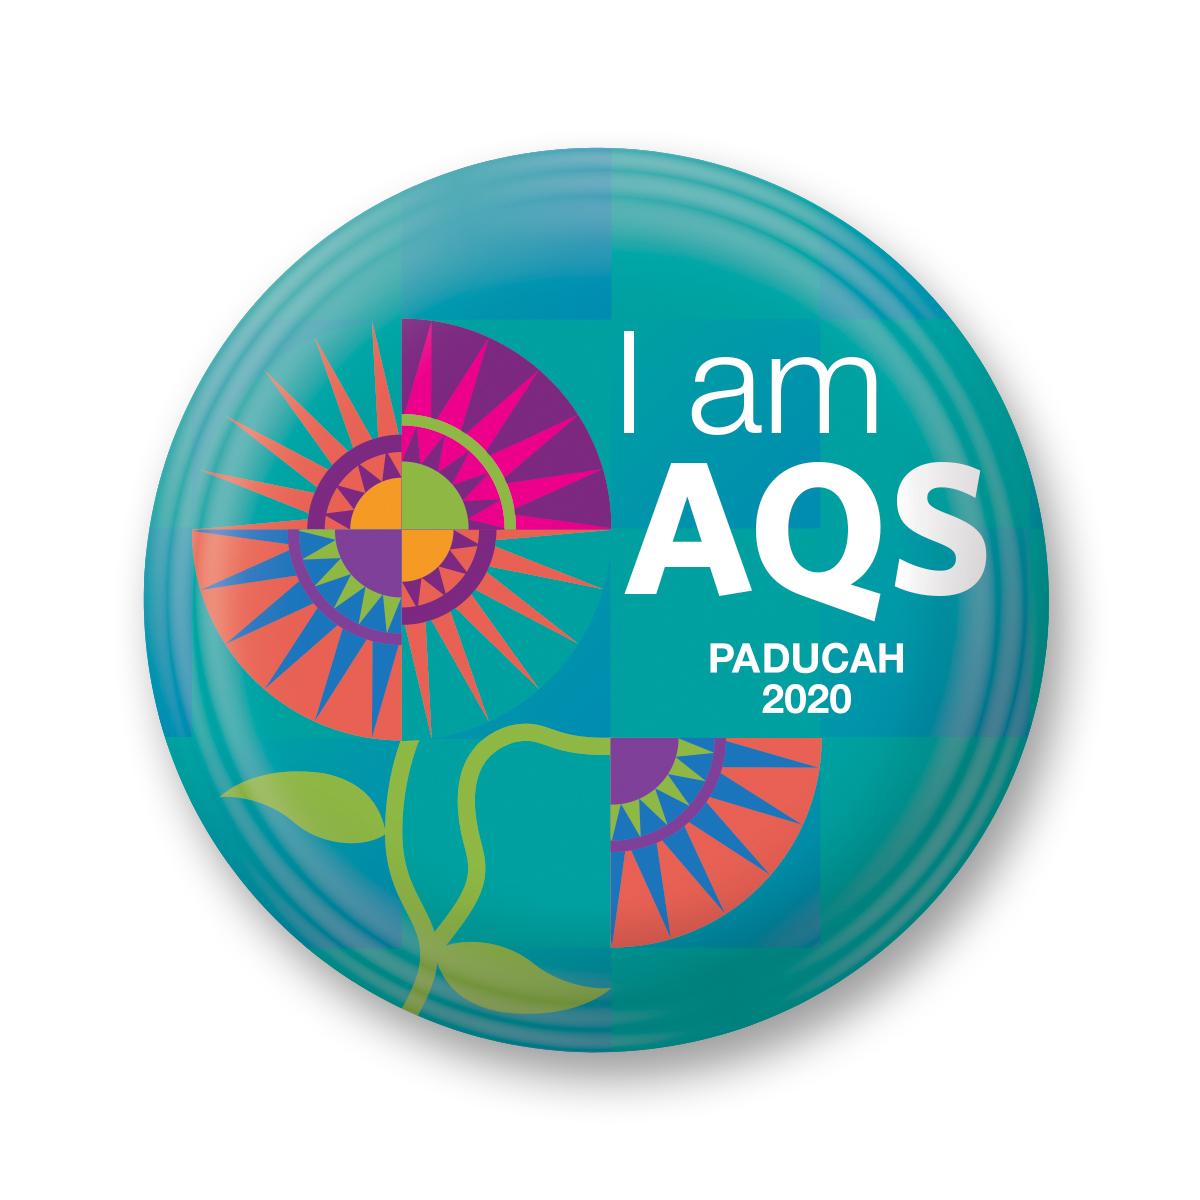 aqs-pah-2020-button (1)